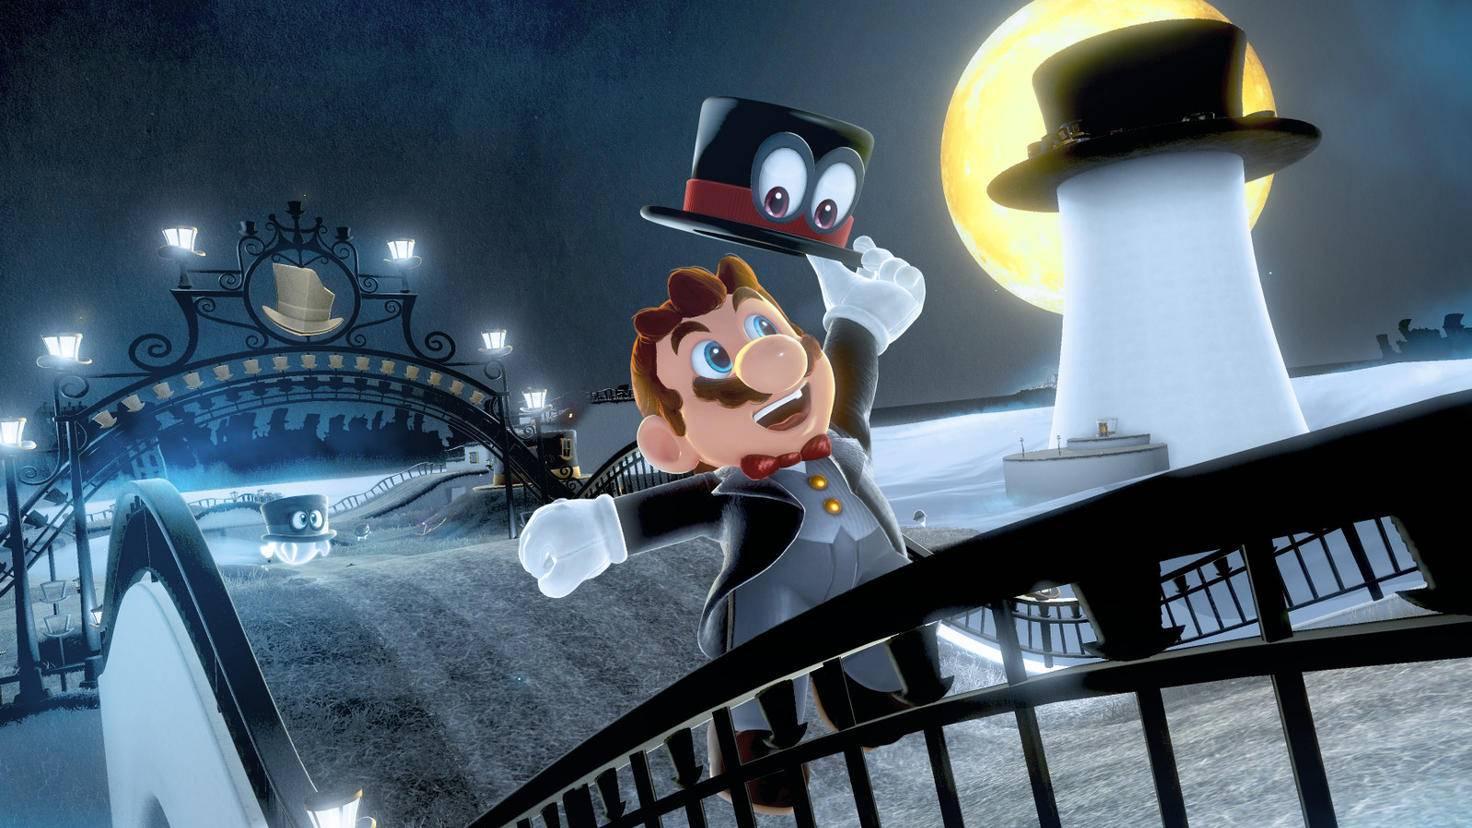 Der Anzug steht Mario gut – besondere Fähigkeiten verleiht er ihm aber nicht.